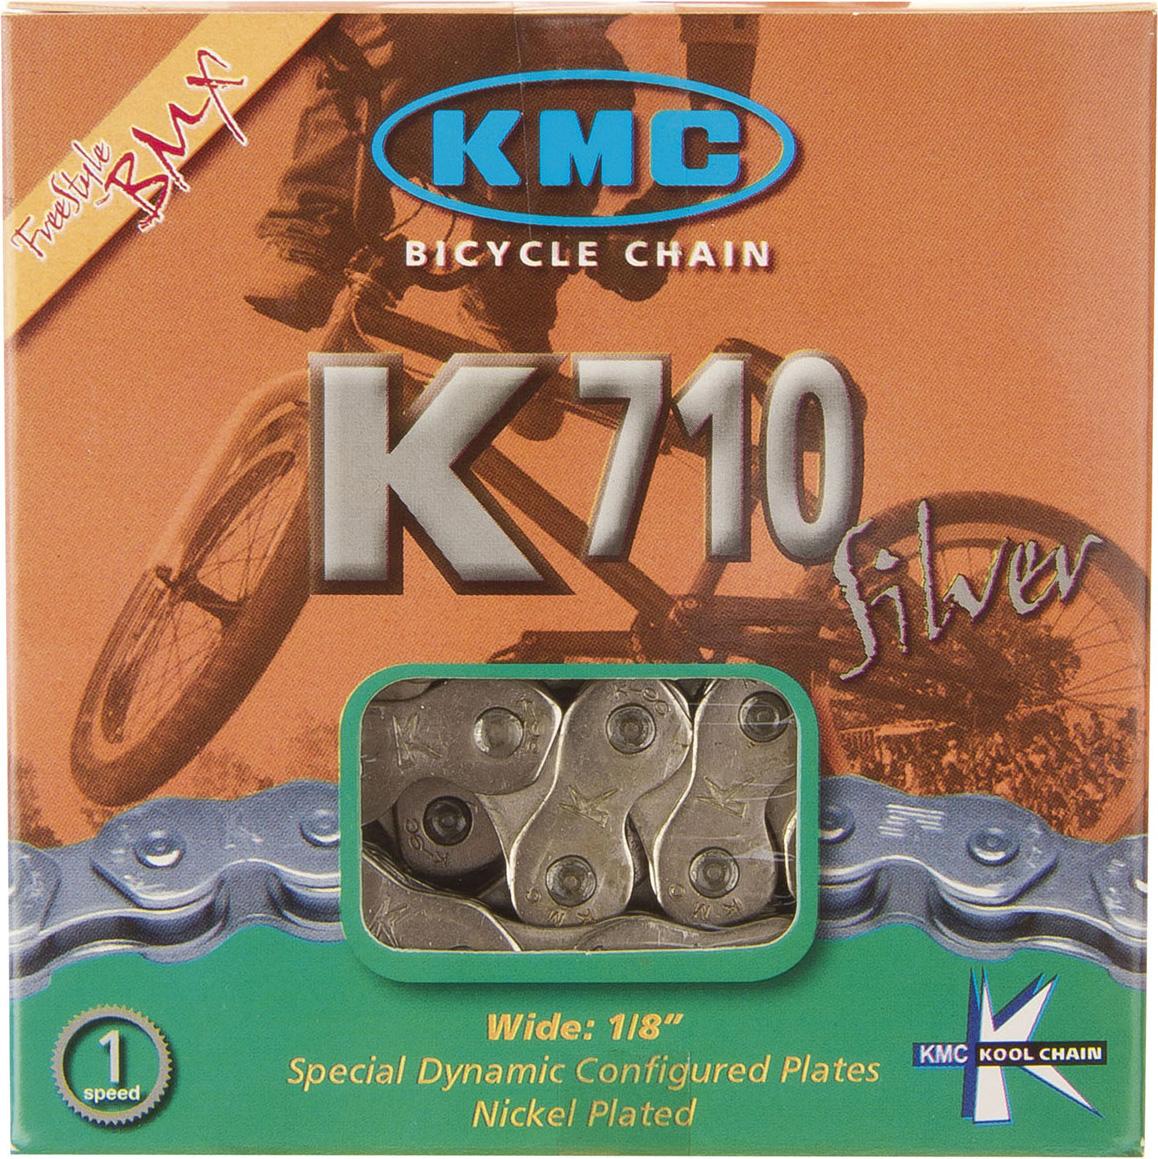 Цепь велосипедная КМС, K710, 9, 4 м, 1/2x1/8, для BMX велосипедная цепь кмс x8 8 скоростей 1 2x3 32х116 точное переключение высокопрчные пины x8